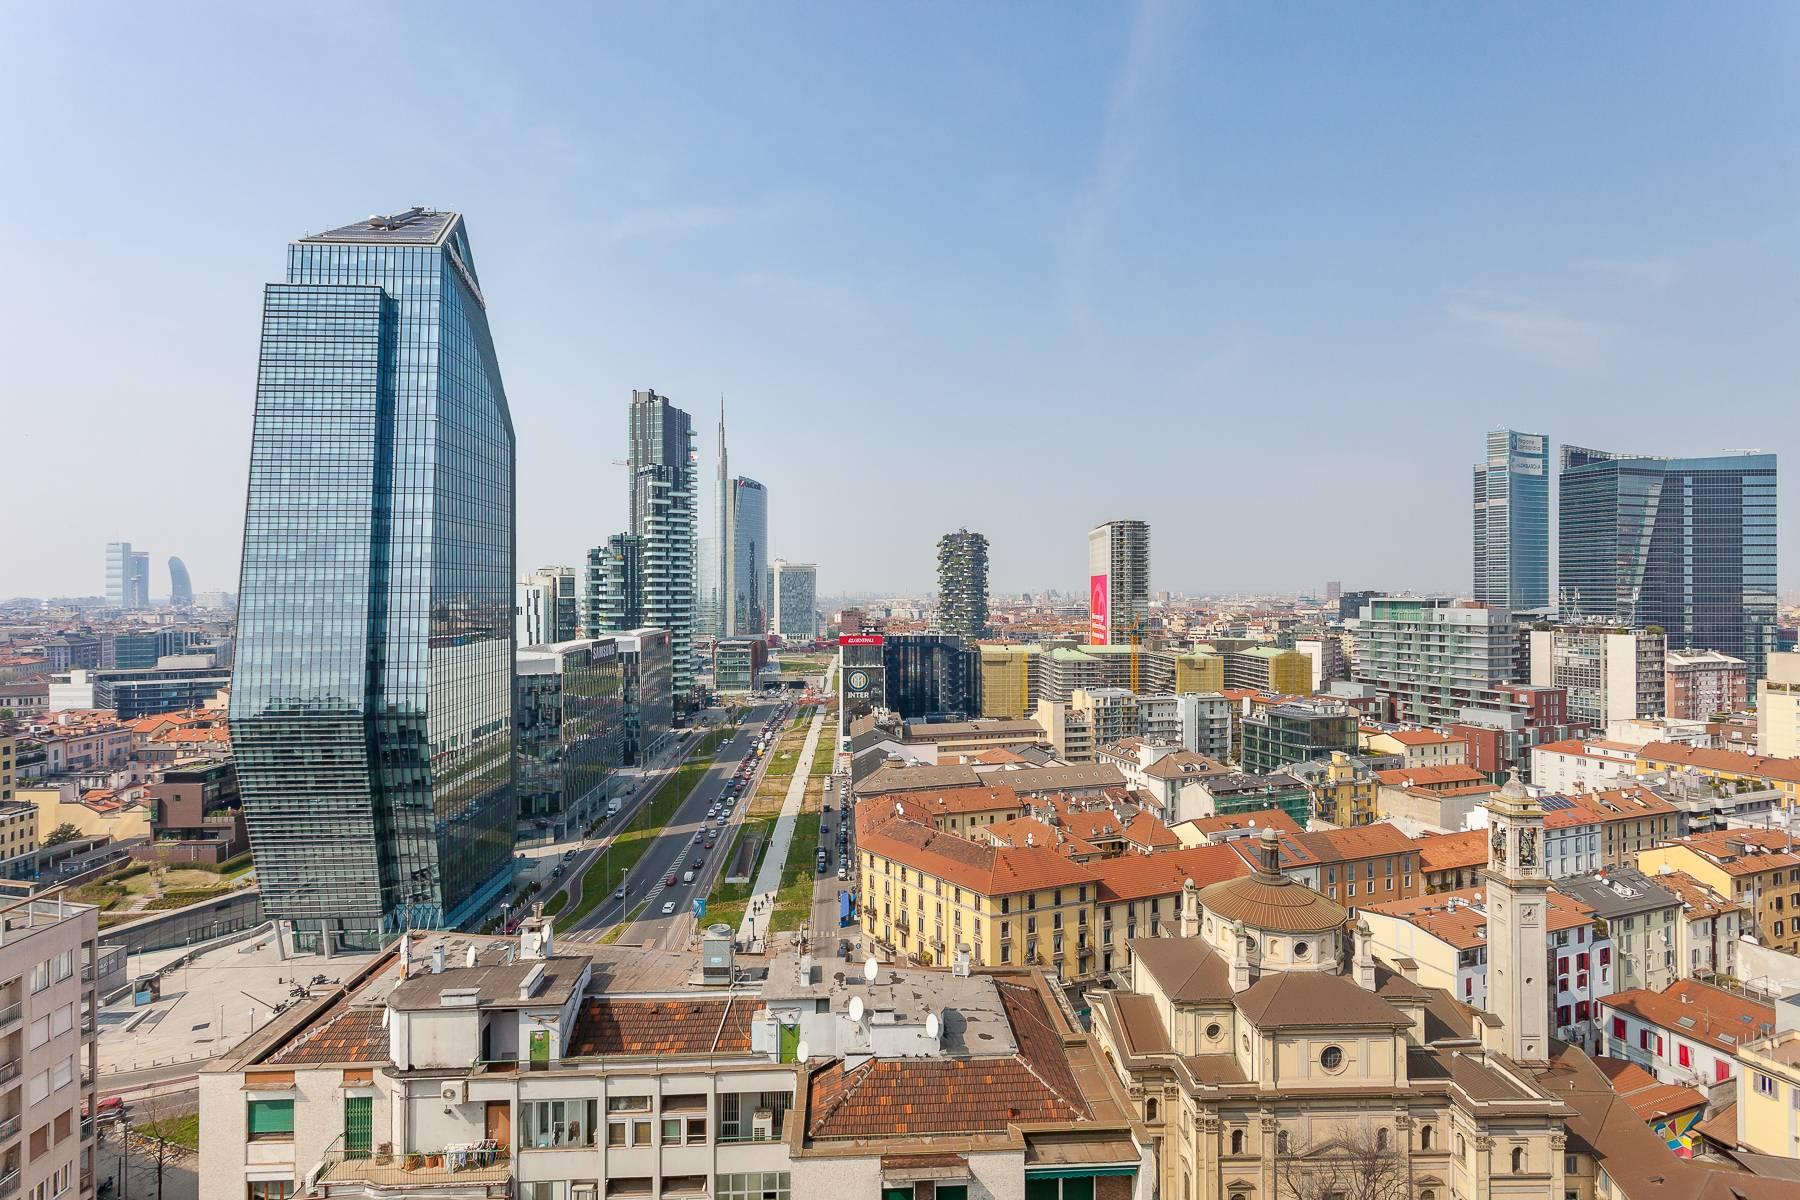 Attico in Vendita a Milano: 5 locali, 445 mq - Foto 8